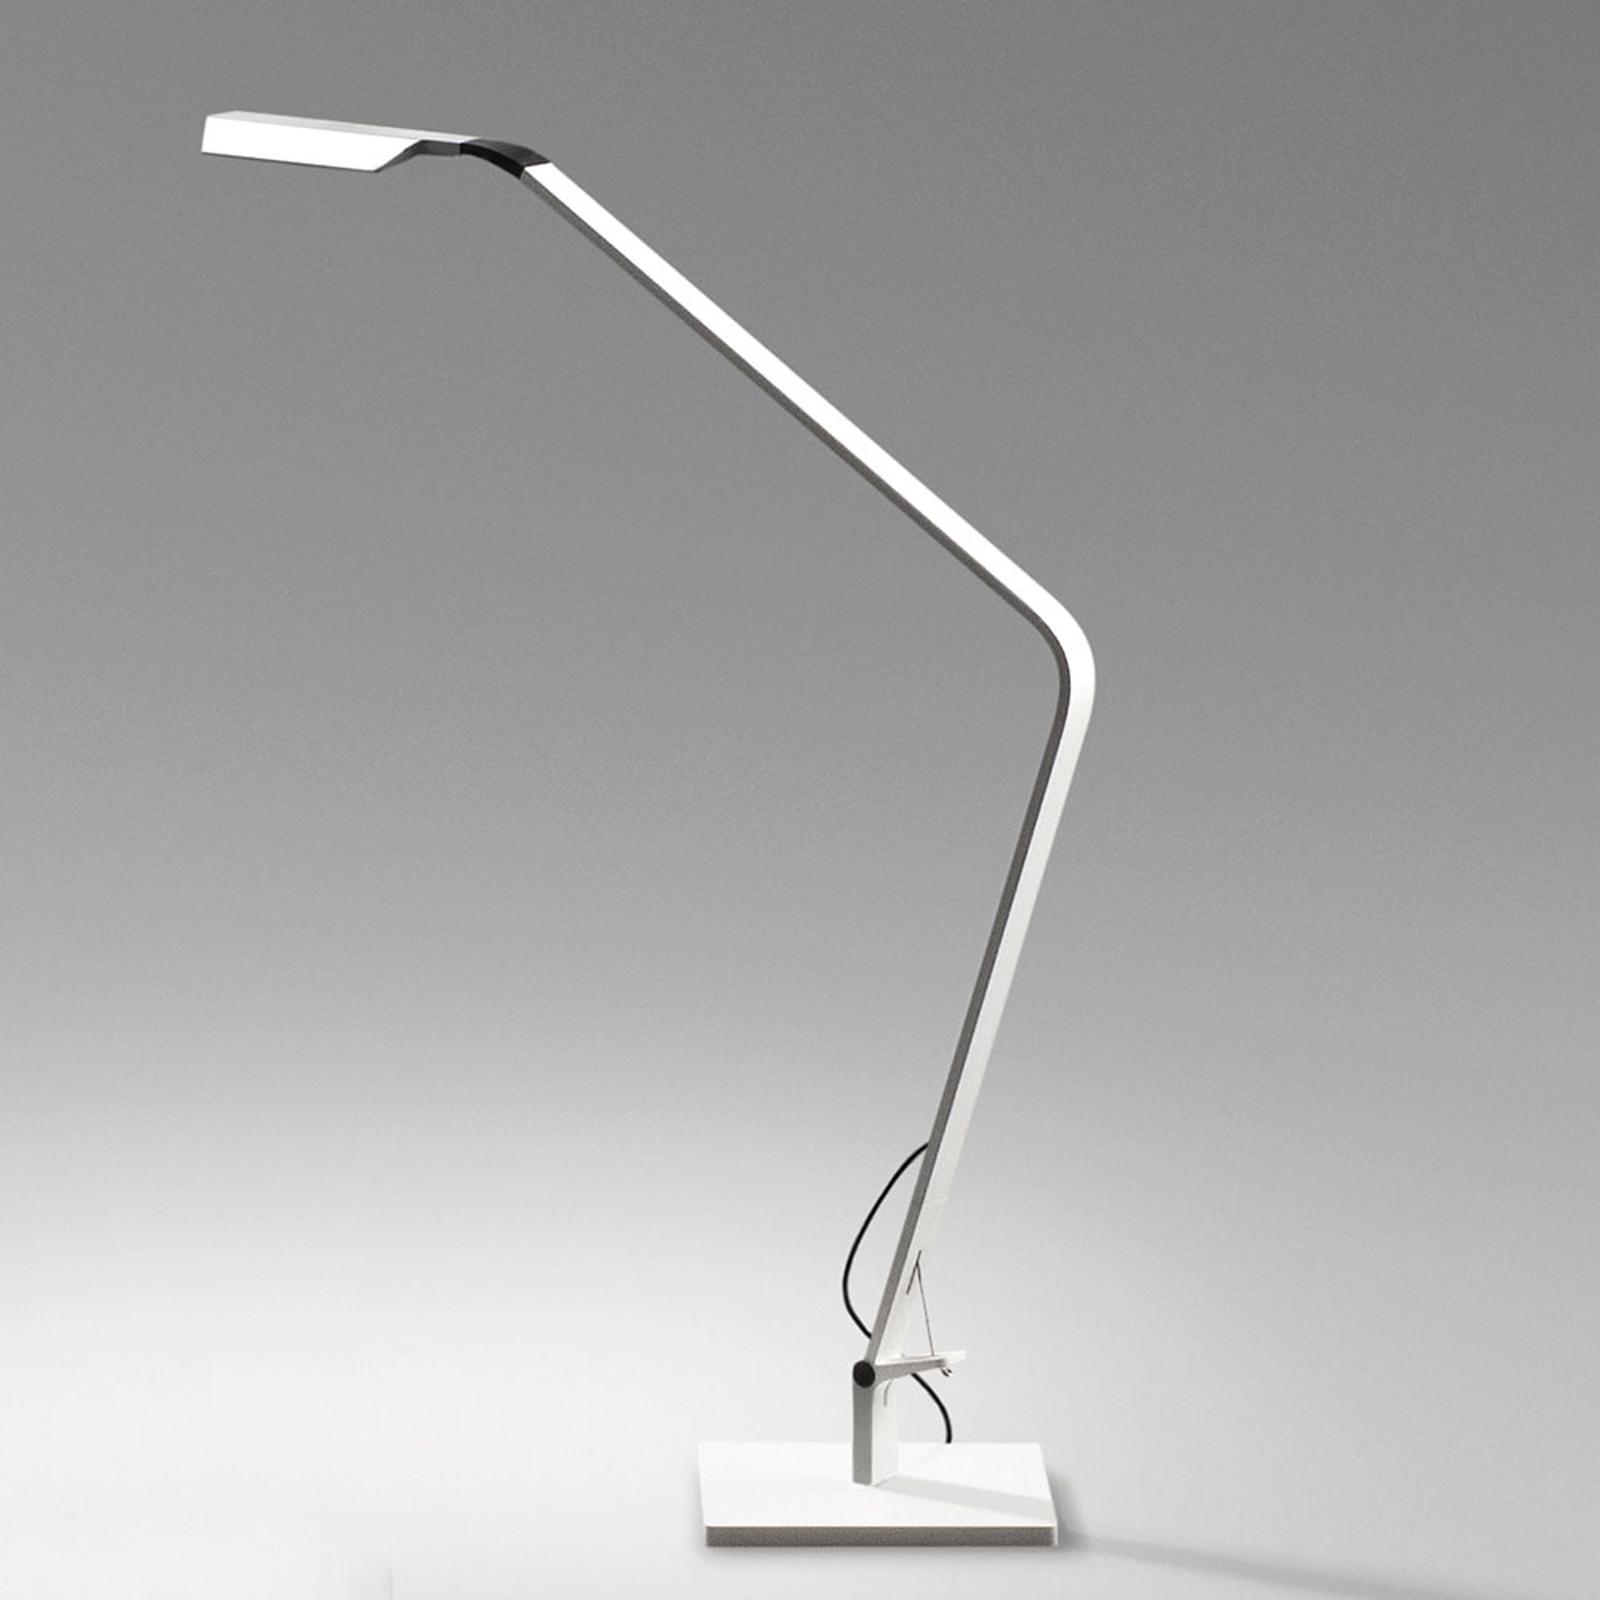 Lampe à poser LED Flex dimmable, blanc mat